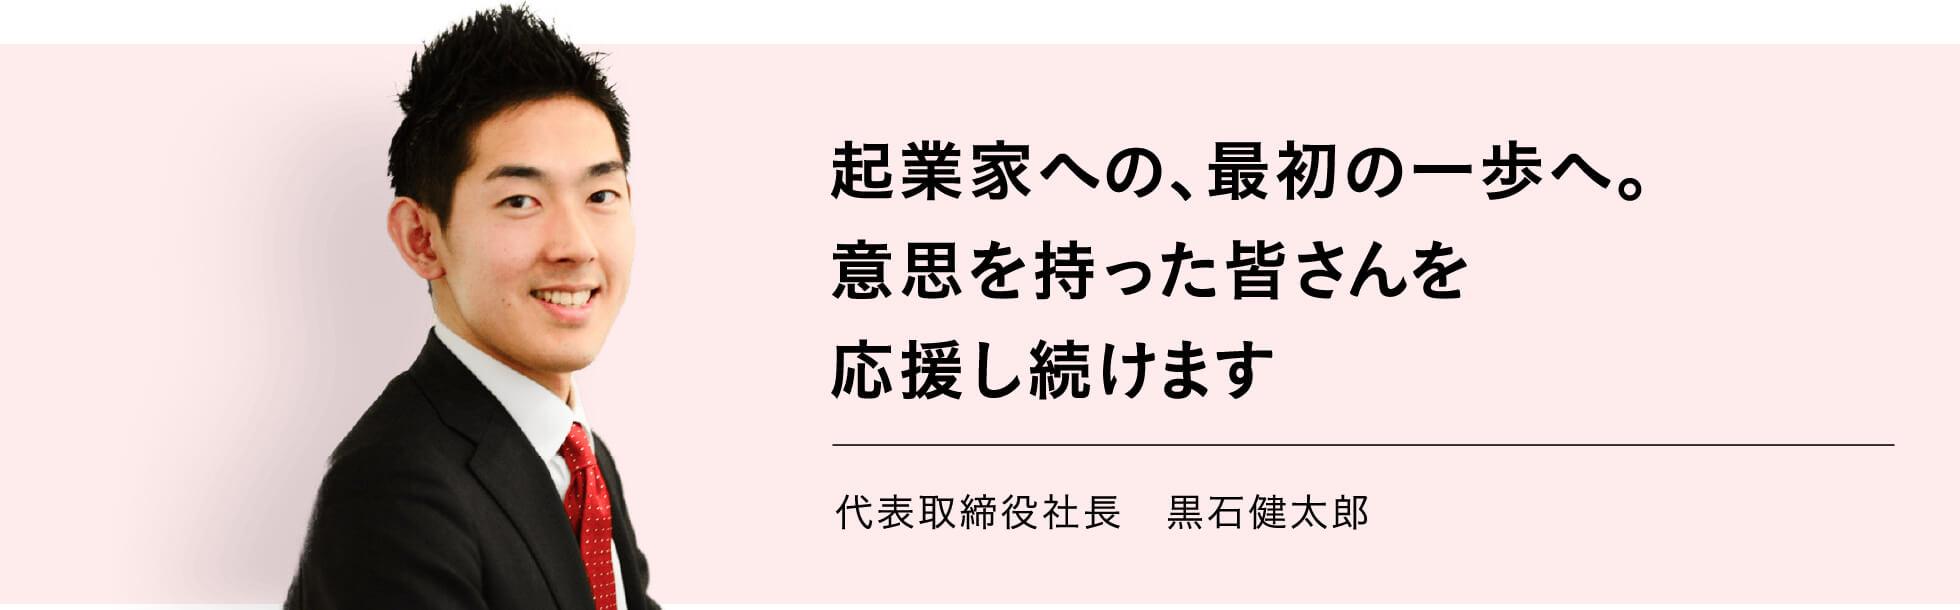 起業家への、最初の一歩へ。意思を持った皆さんを応援し続けます 代表取締役社長 黒石健太郎